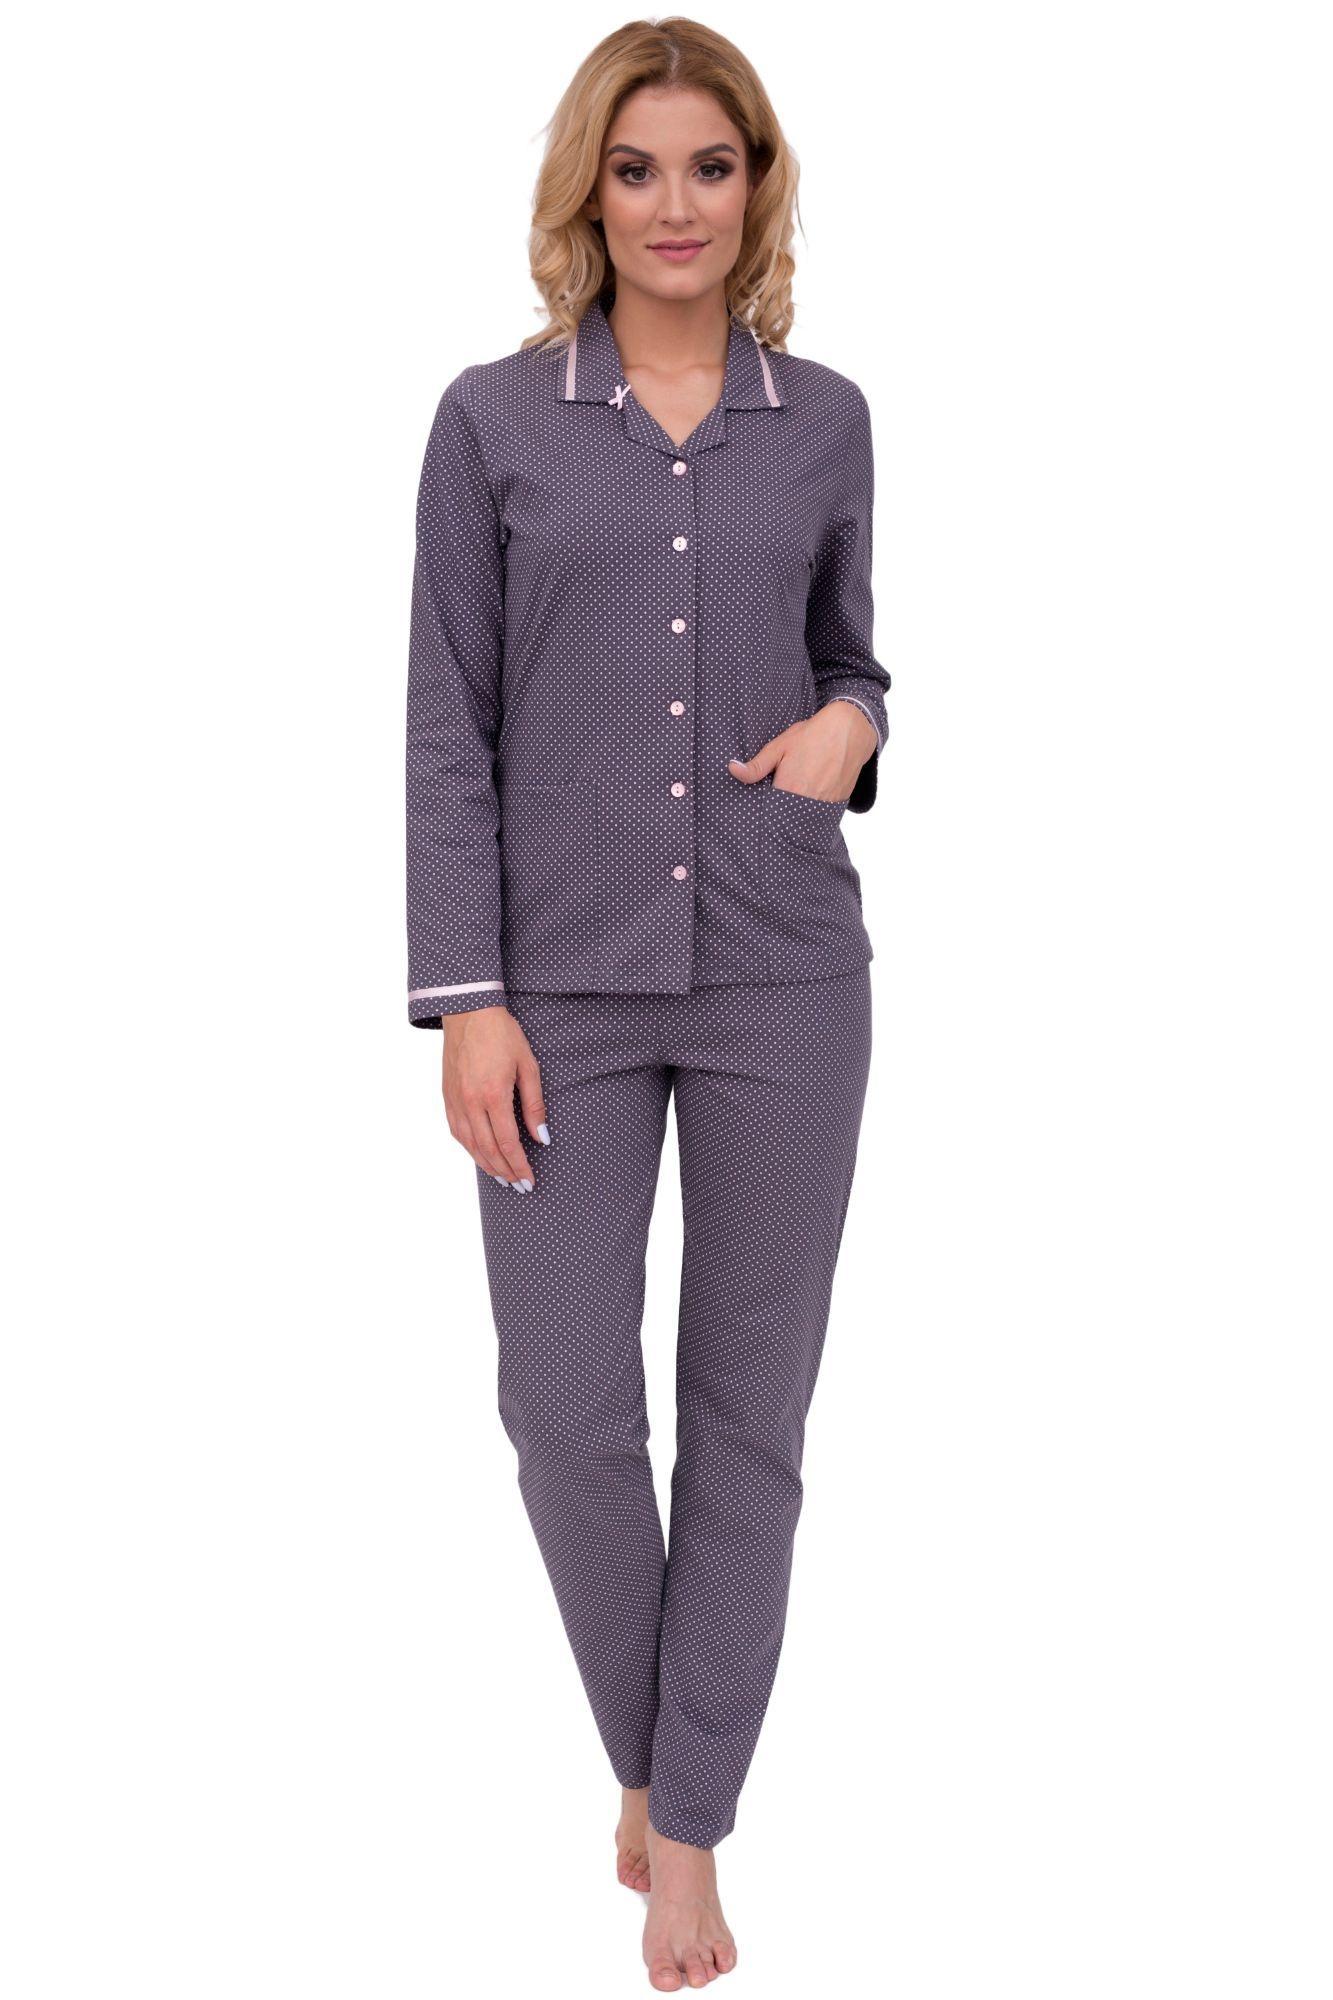 8ed8c37af Luxusní dámské bavlněné pyžamo Iva puntíky s dlouhými rukávy